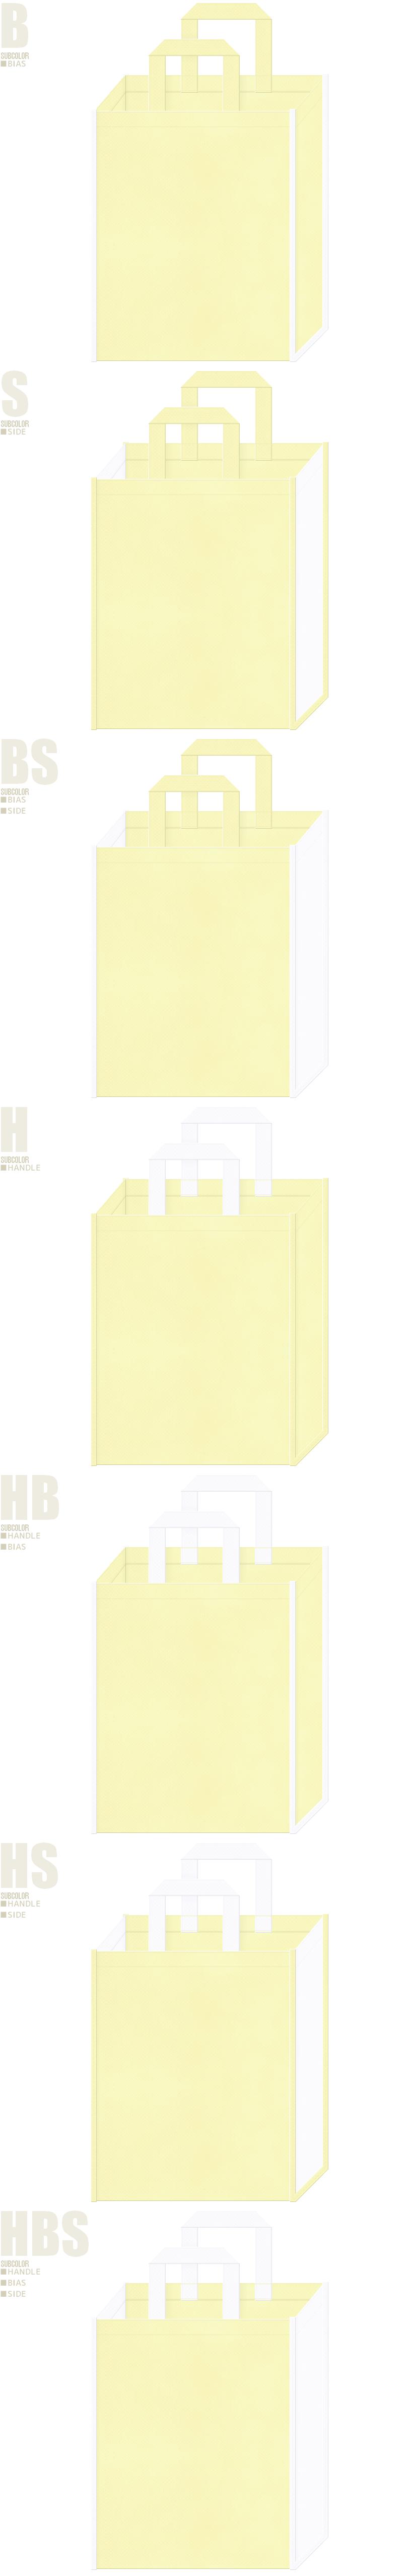 不織布バッグのデザイン:薄黄色と白色の配色7パターン。